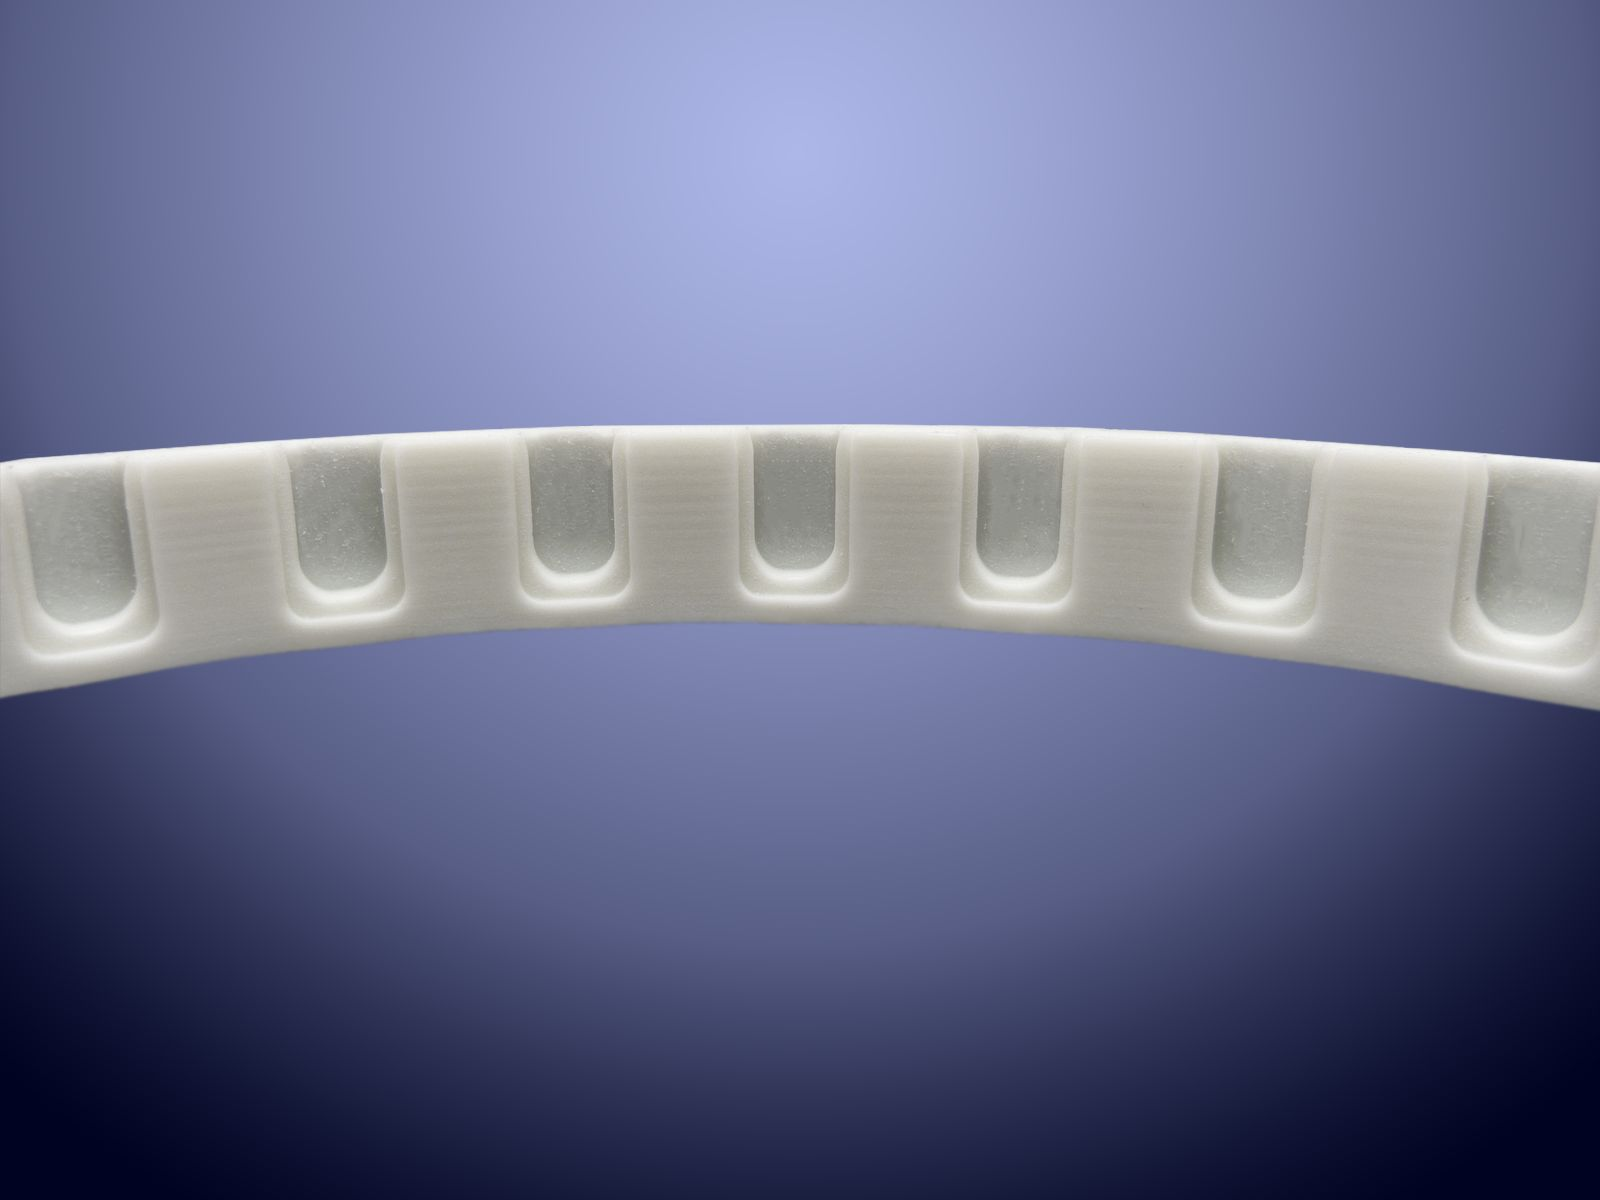 Cinghia dentata con lavorazioni per il trasporto di componenti nel settore medicale